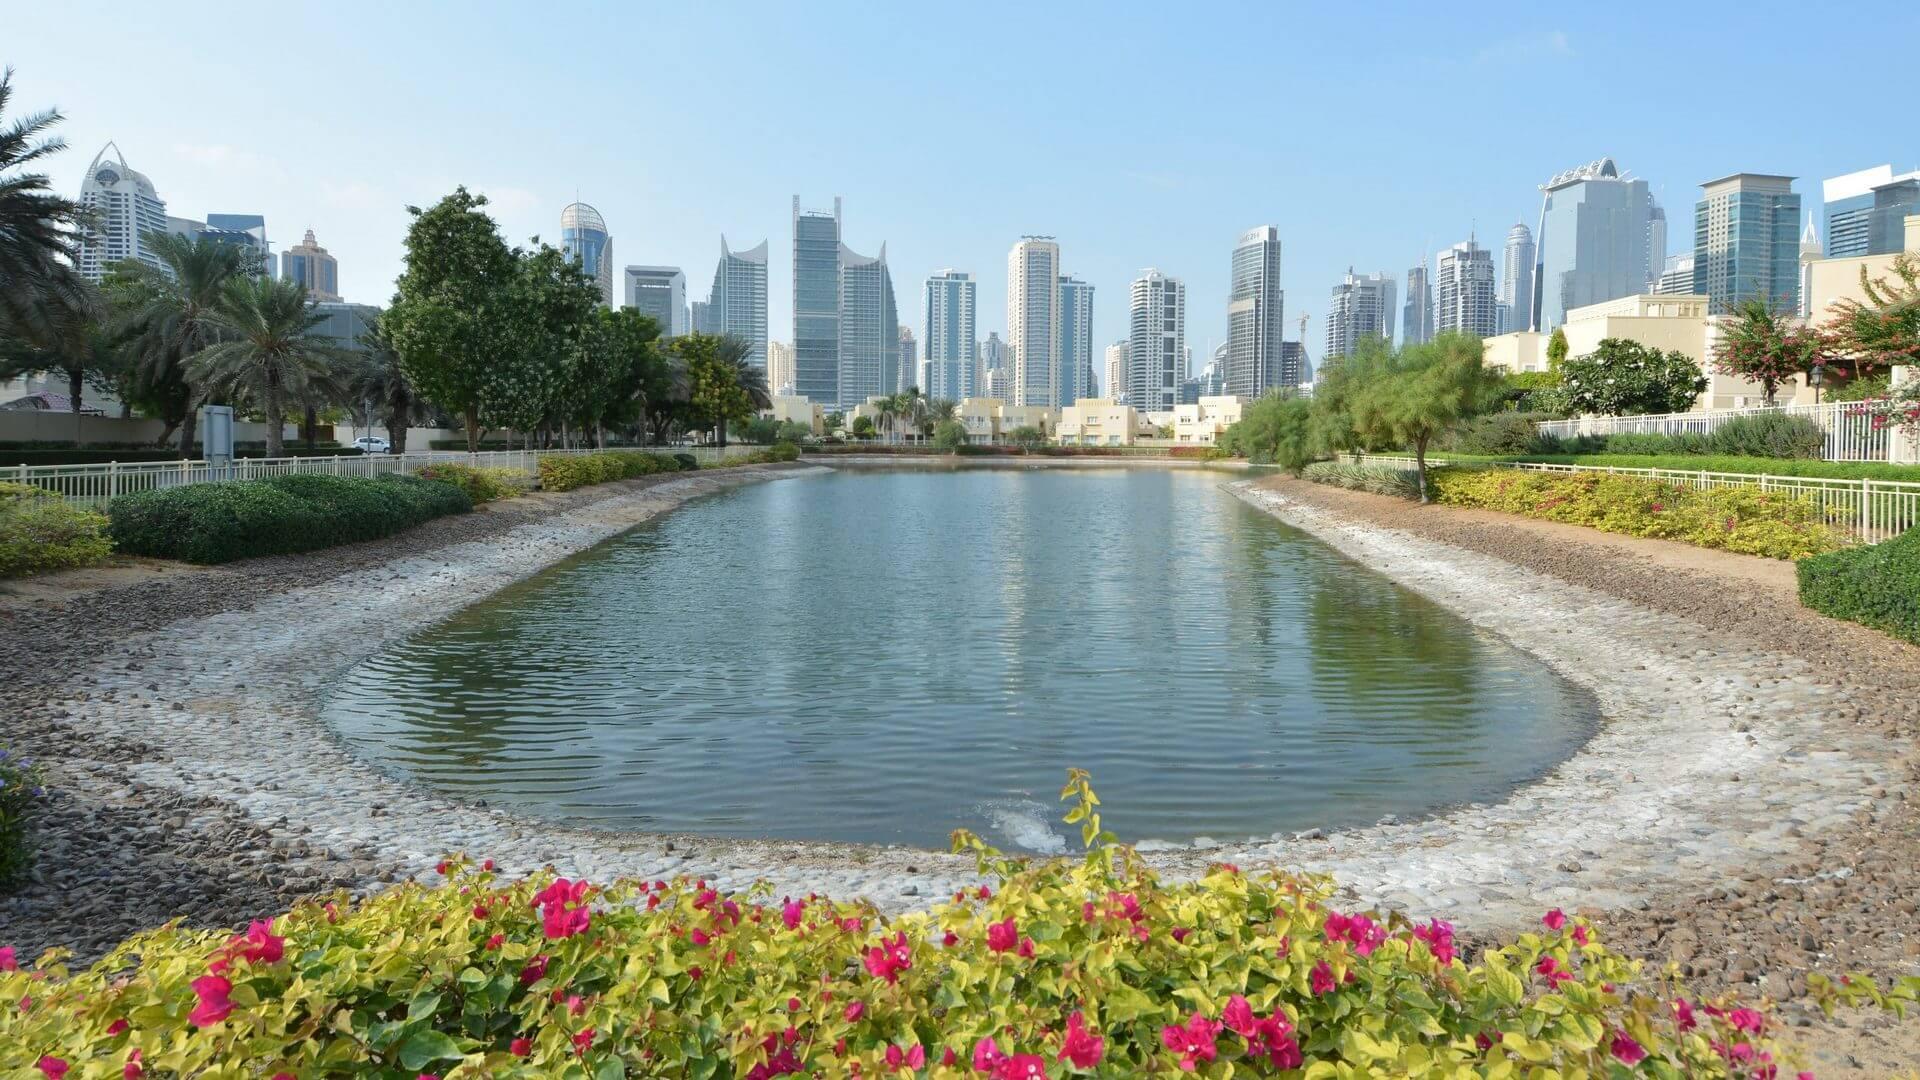 Villa en venta en Dubai, EAU, 5 dormitorios, 552 m2, № 24052 – foto 2